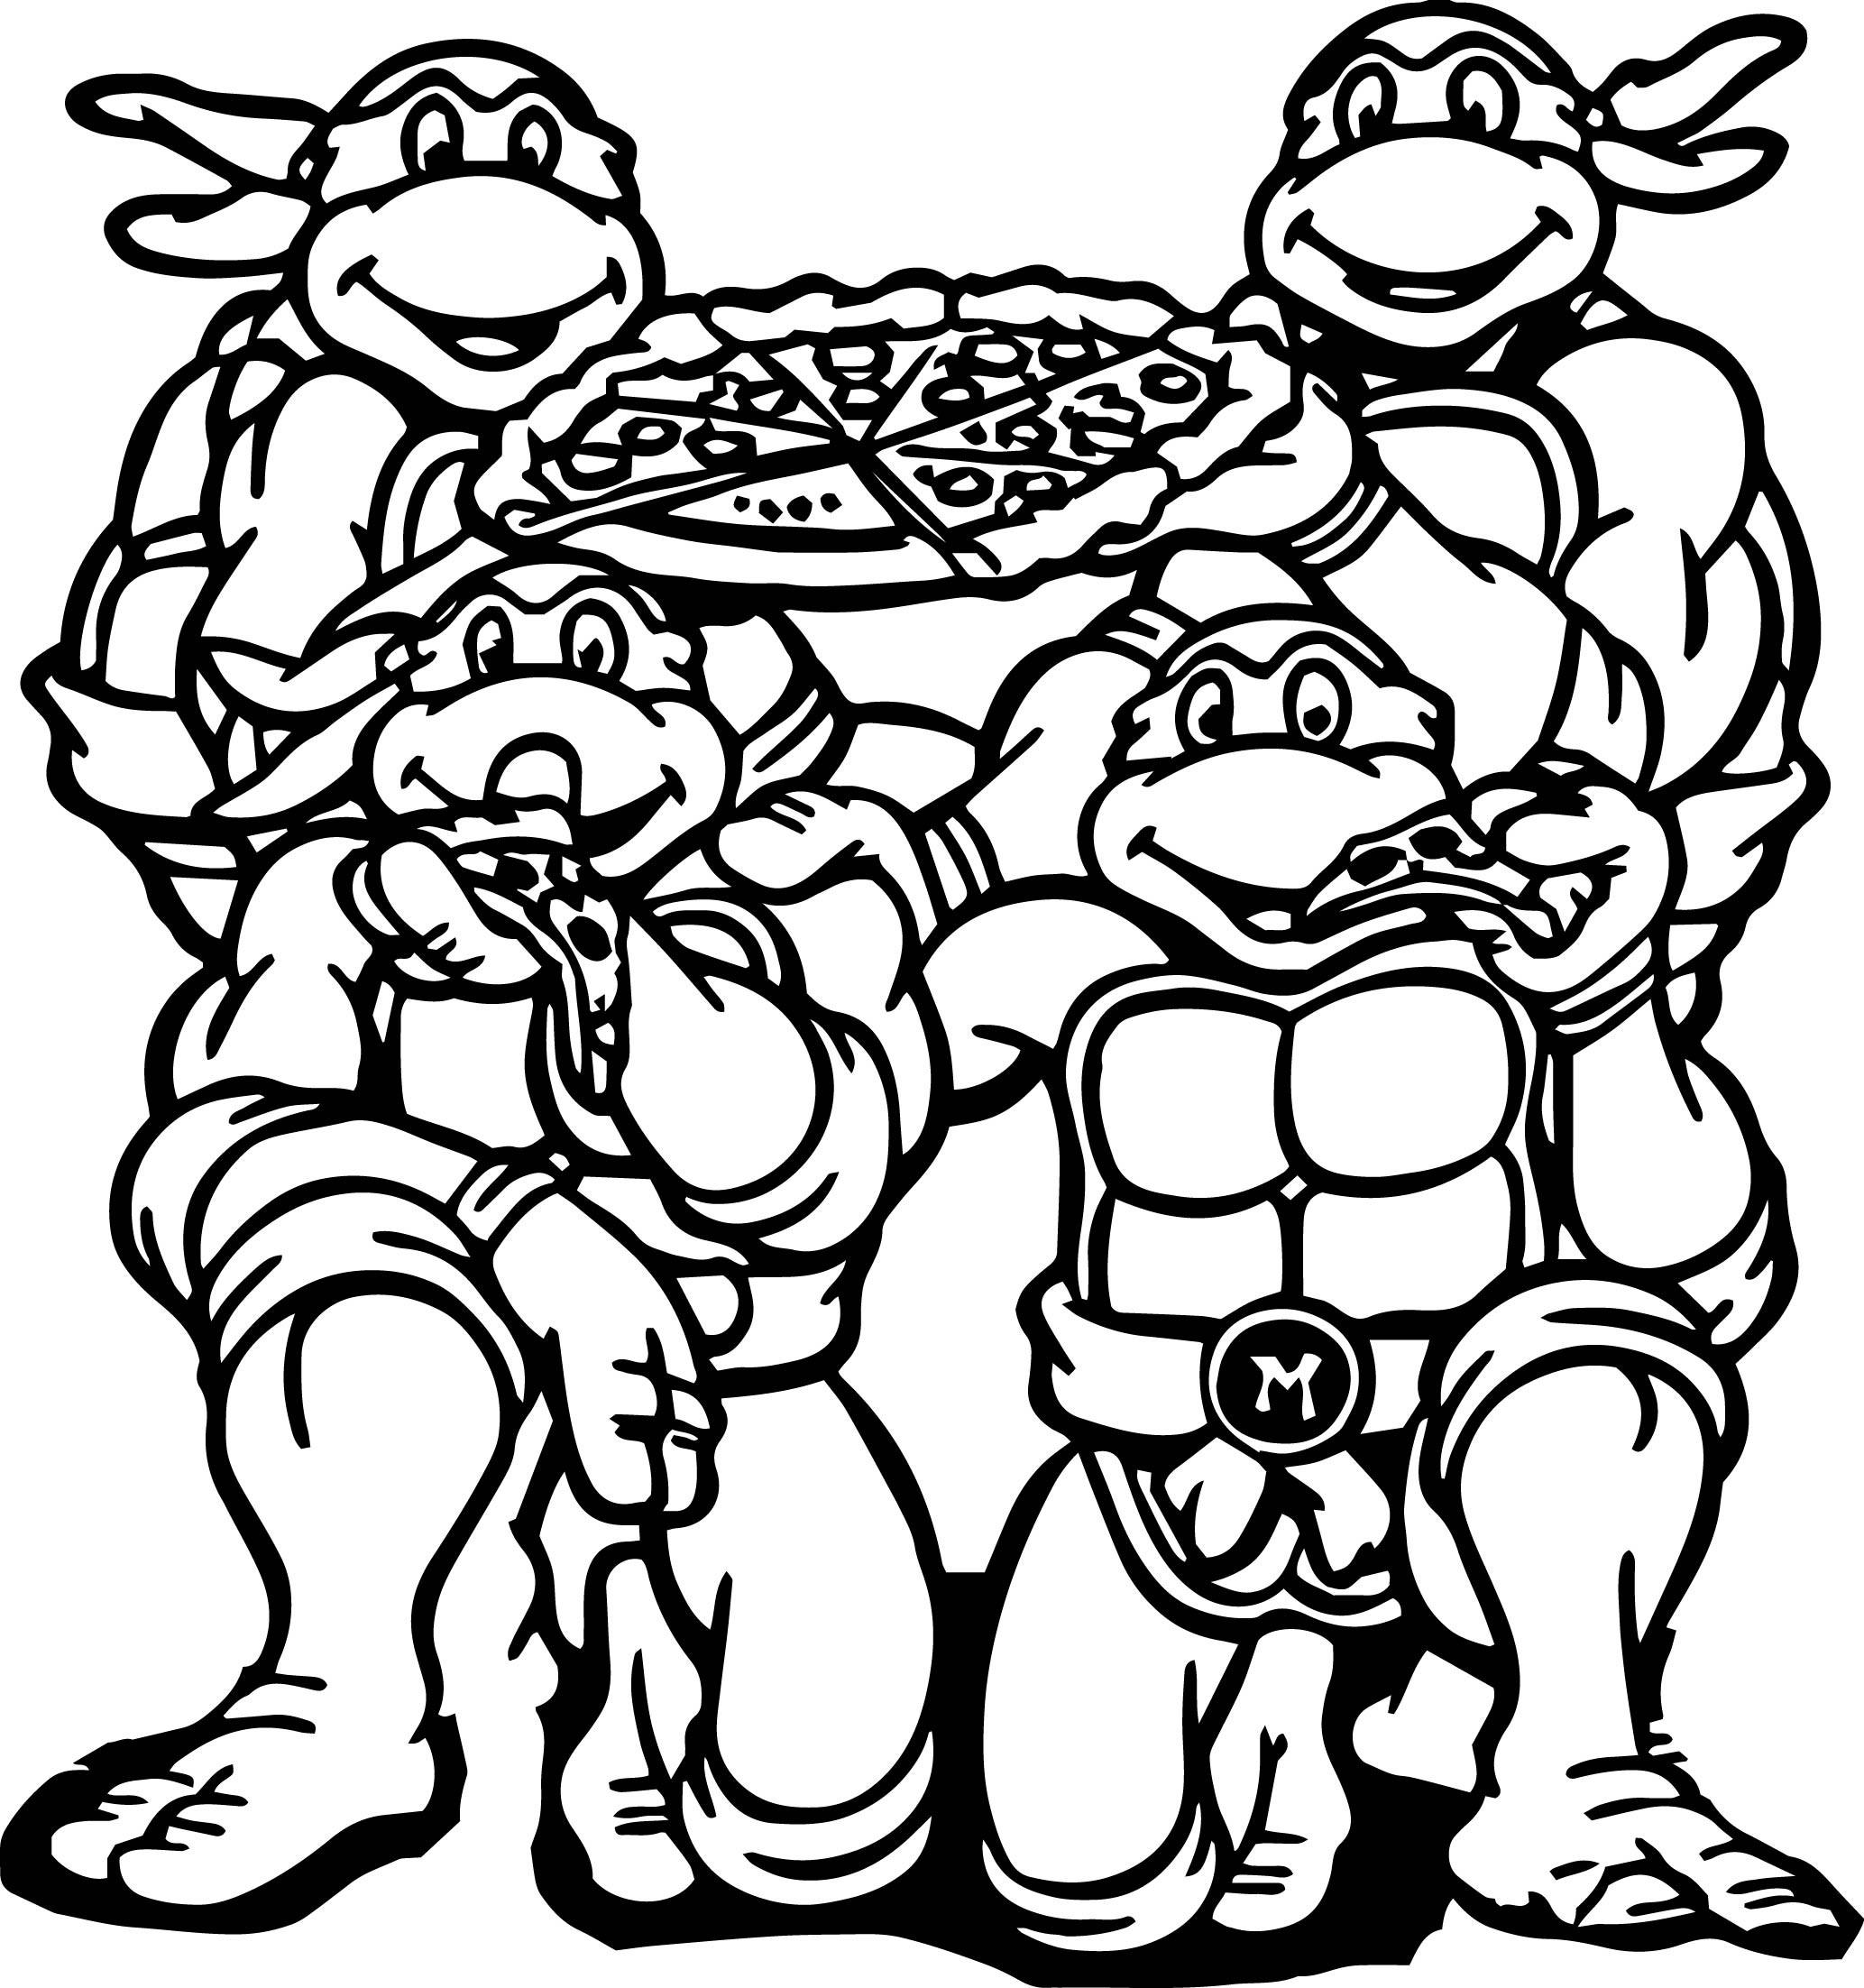 Teenage Mutant Ninja Turtle Coloring Pages  Teenage Mutant Ninja Turtle Coloring Pages coloringsuite